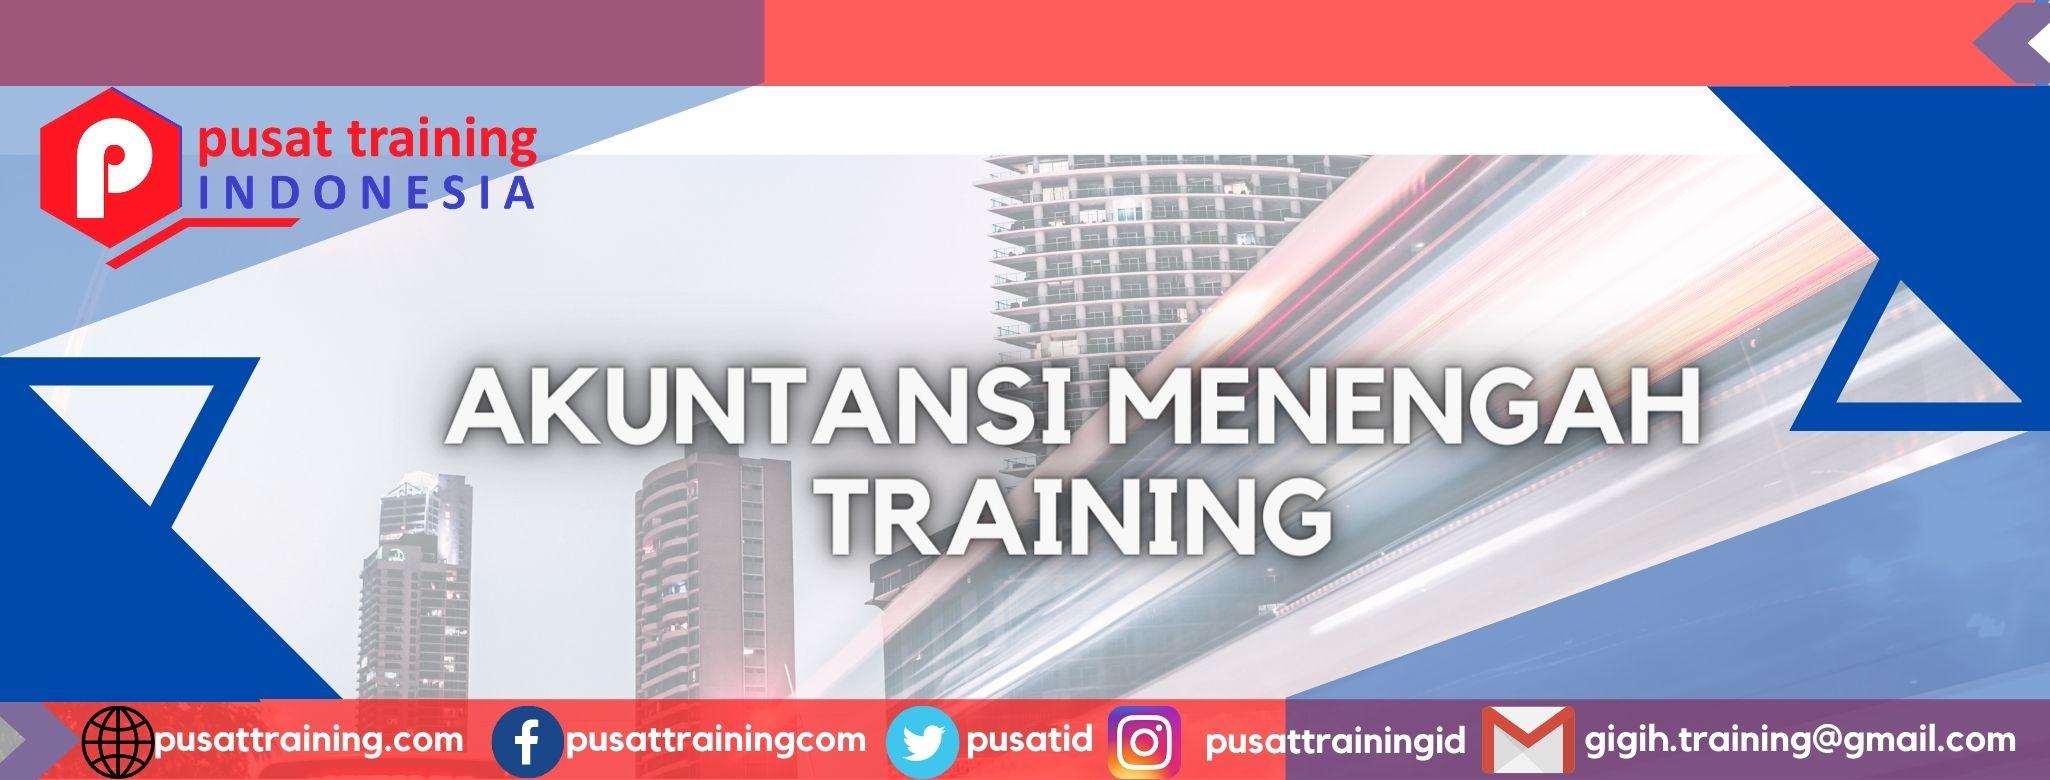 akuntansi-menengah-training